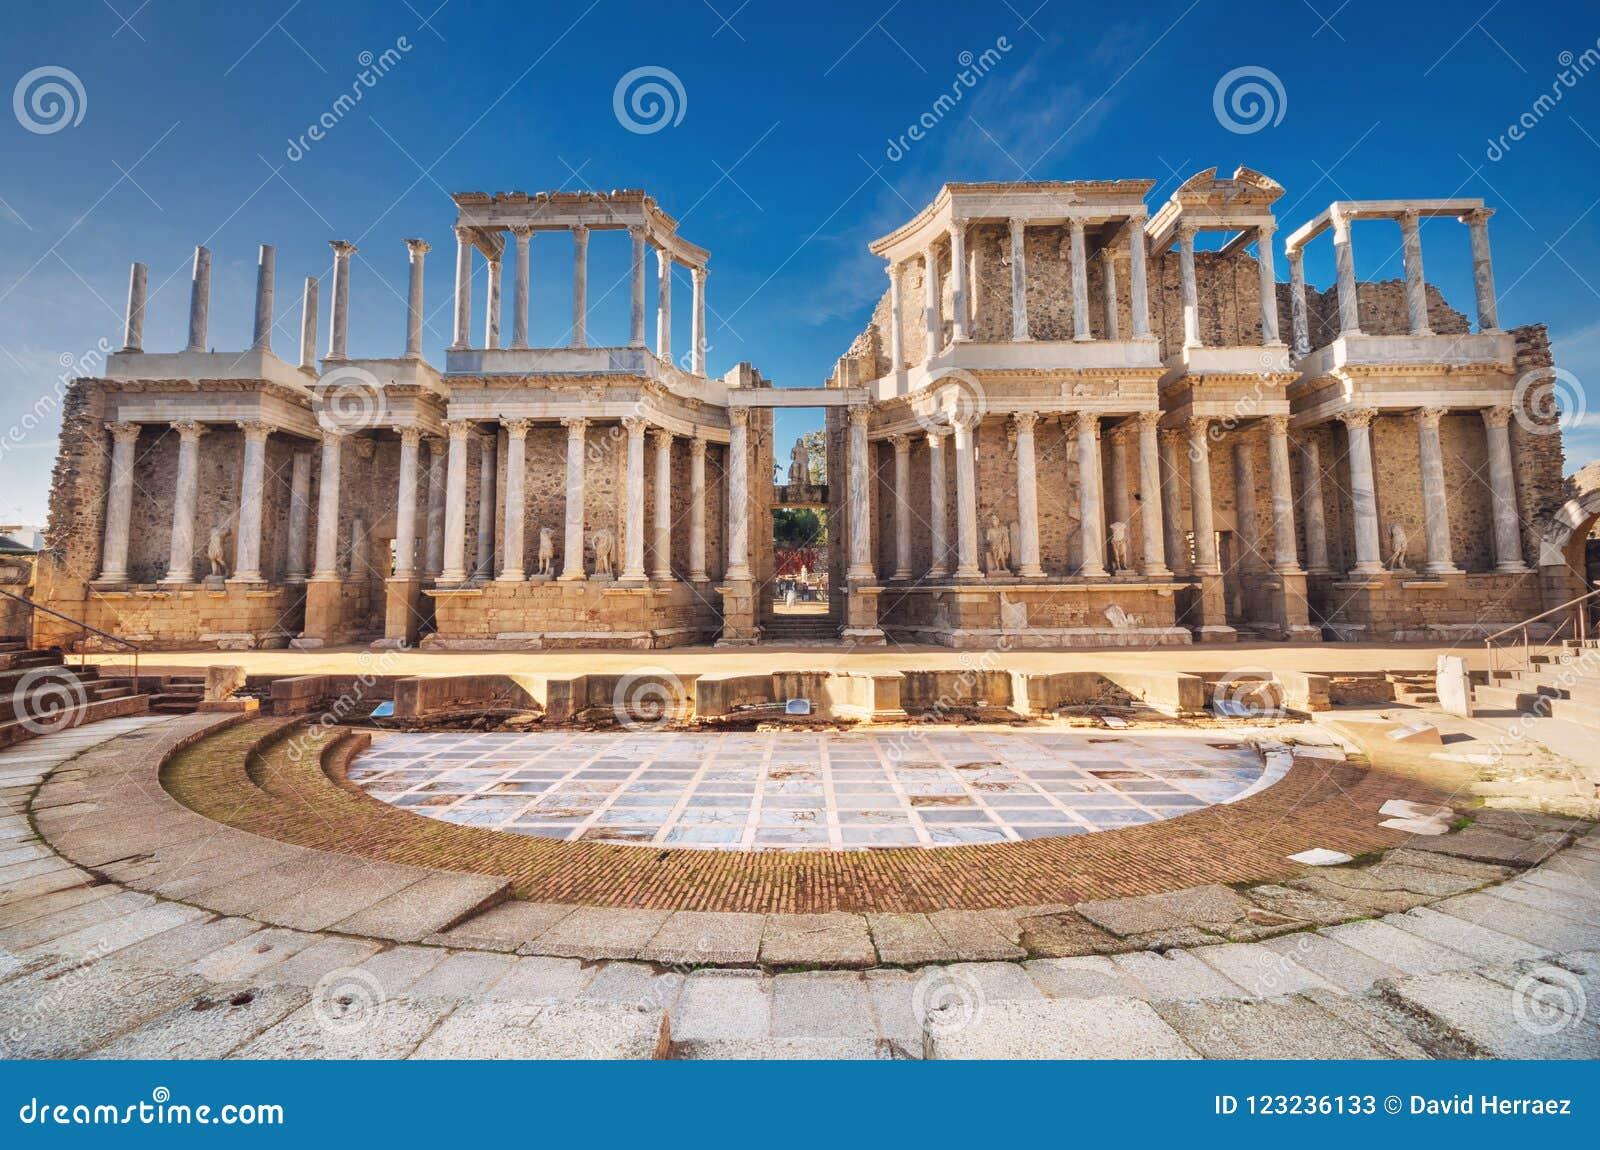 梅里达罗马剧院,梅里达,埃斯特雷马杜拉,西班牙